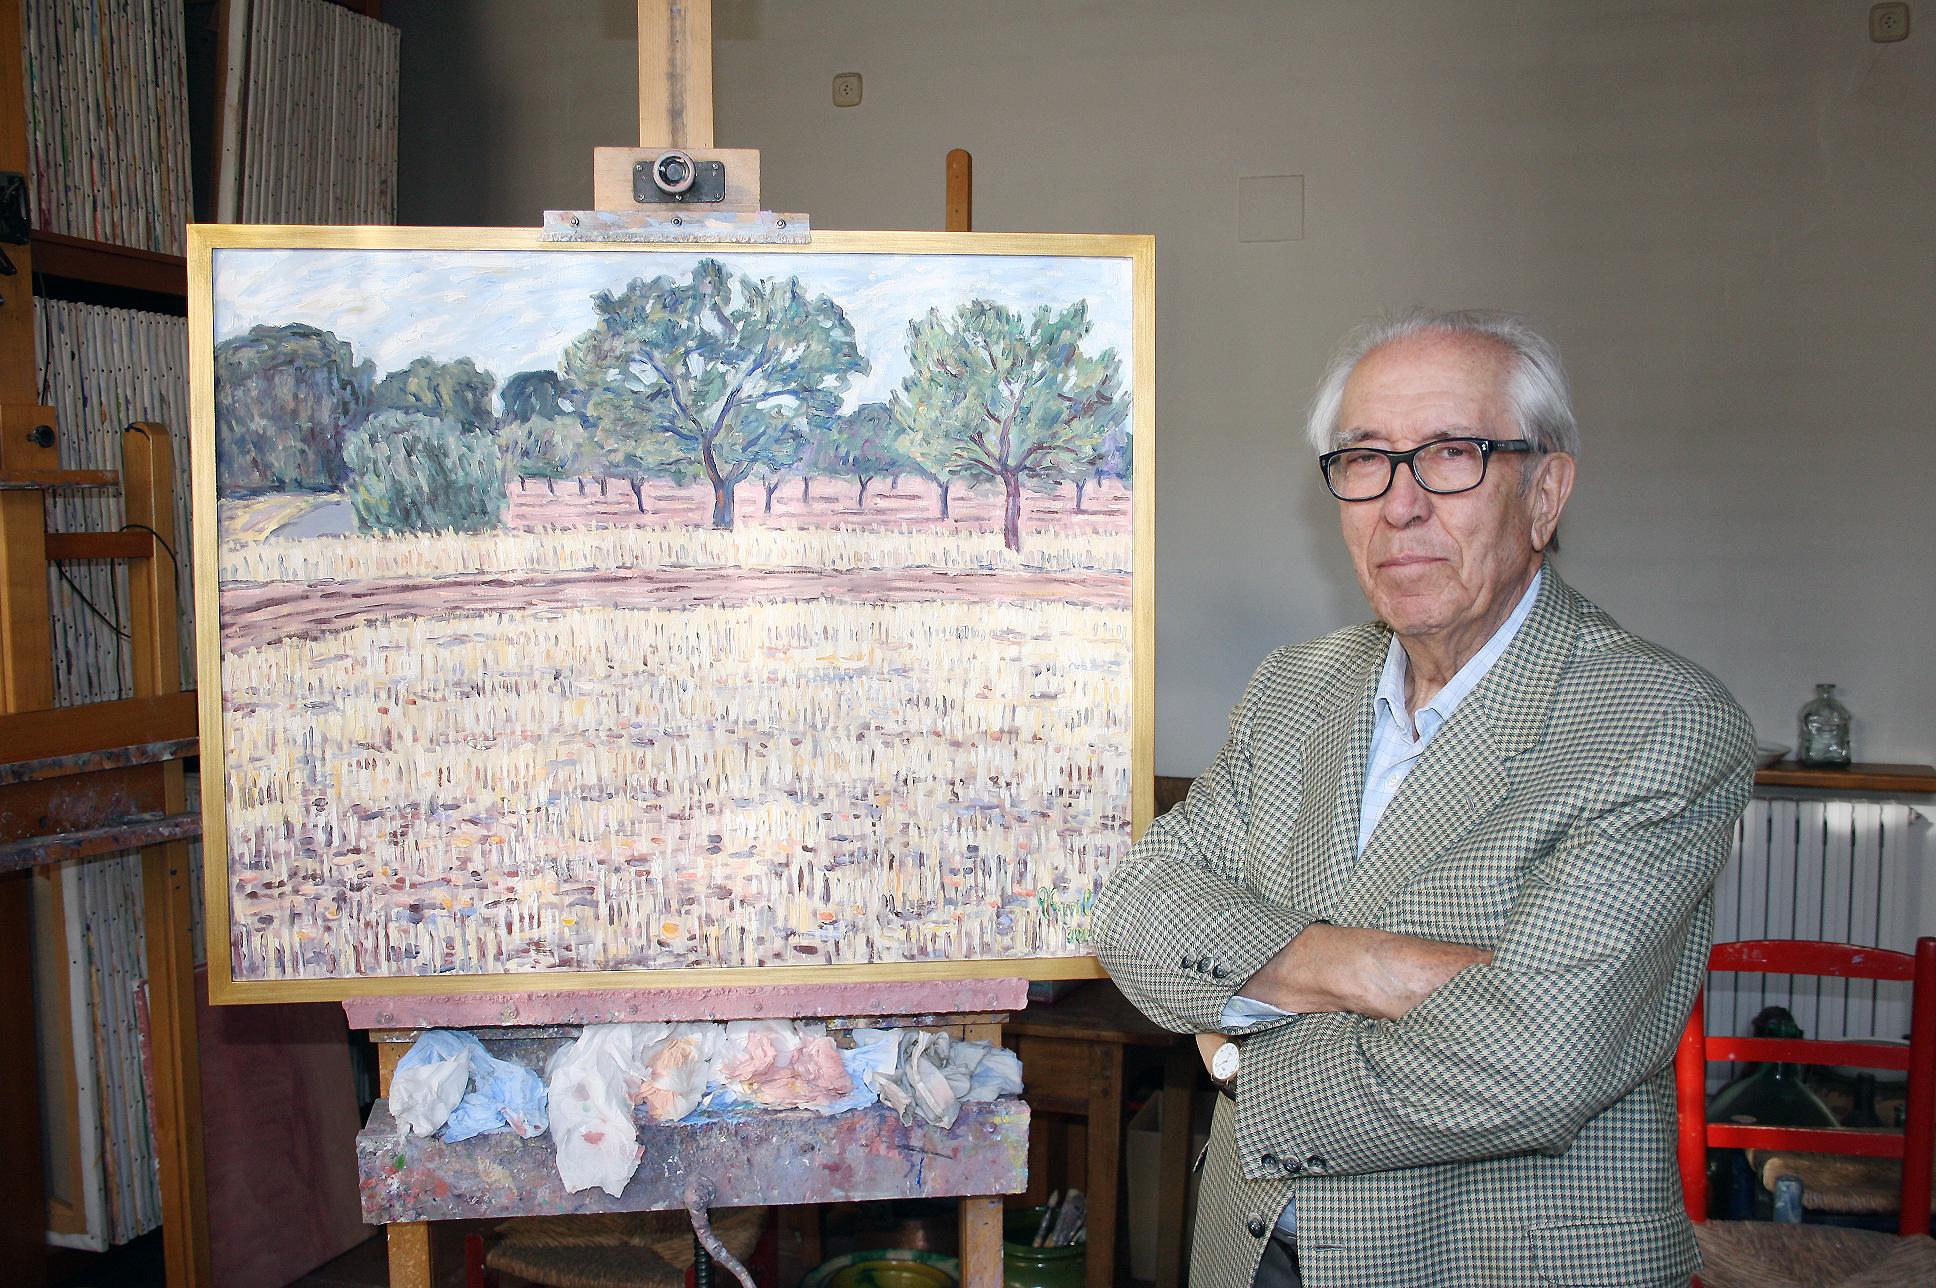 Antonio Carrilero Inaugura Exposición Este Jueves En El Museo Municipal De Albacete